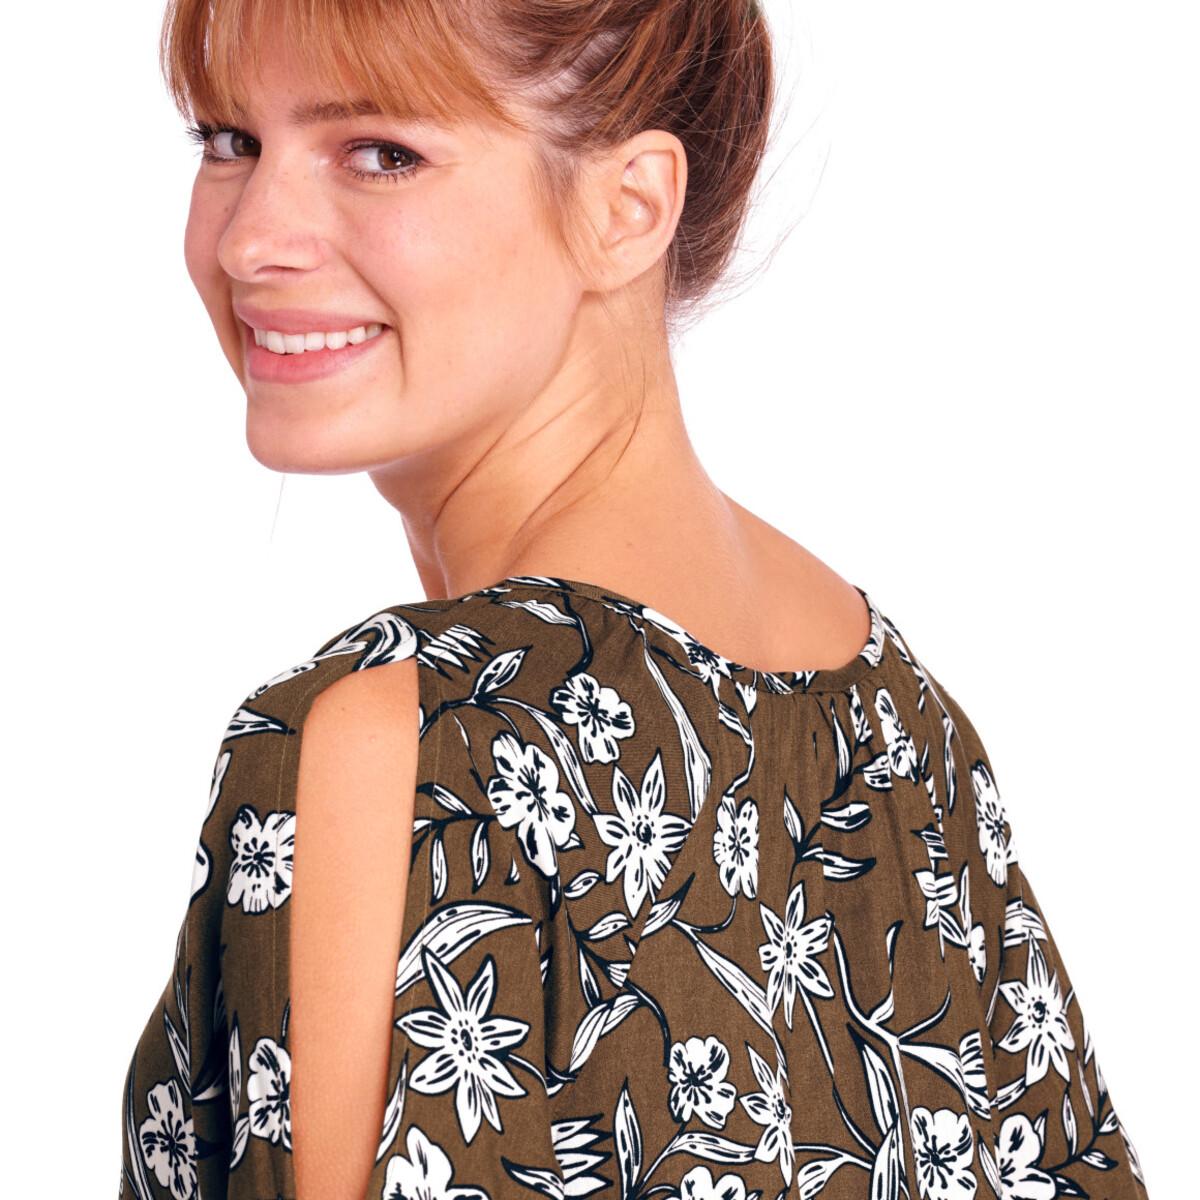 Bild 5 von Damen Kleid mit Allover-Print